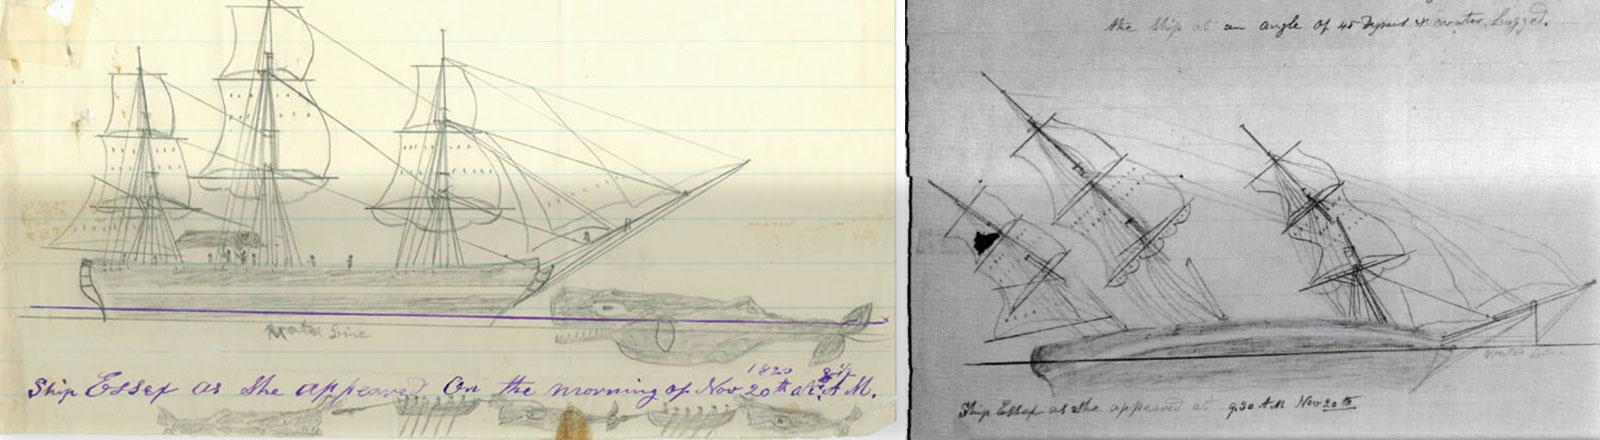 Skizzen vom Untergang der Essex, die der damalige Bootsjunge Thomas Nickerson gezeichnet hat.